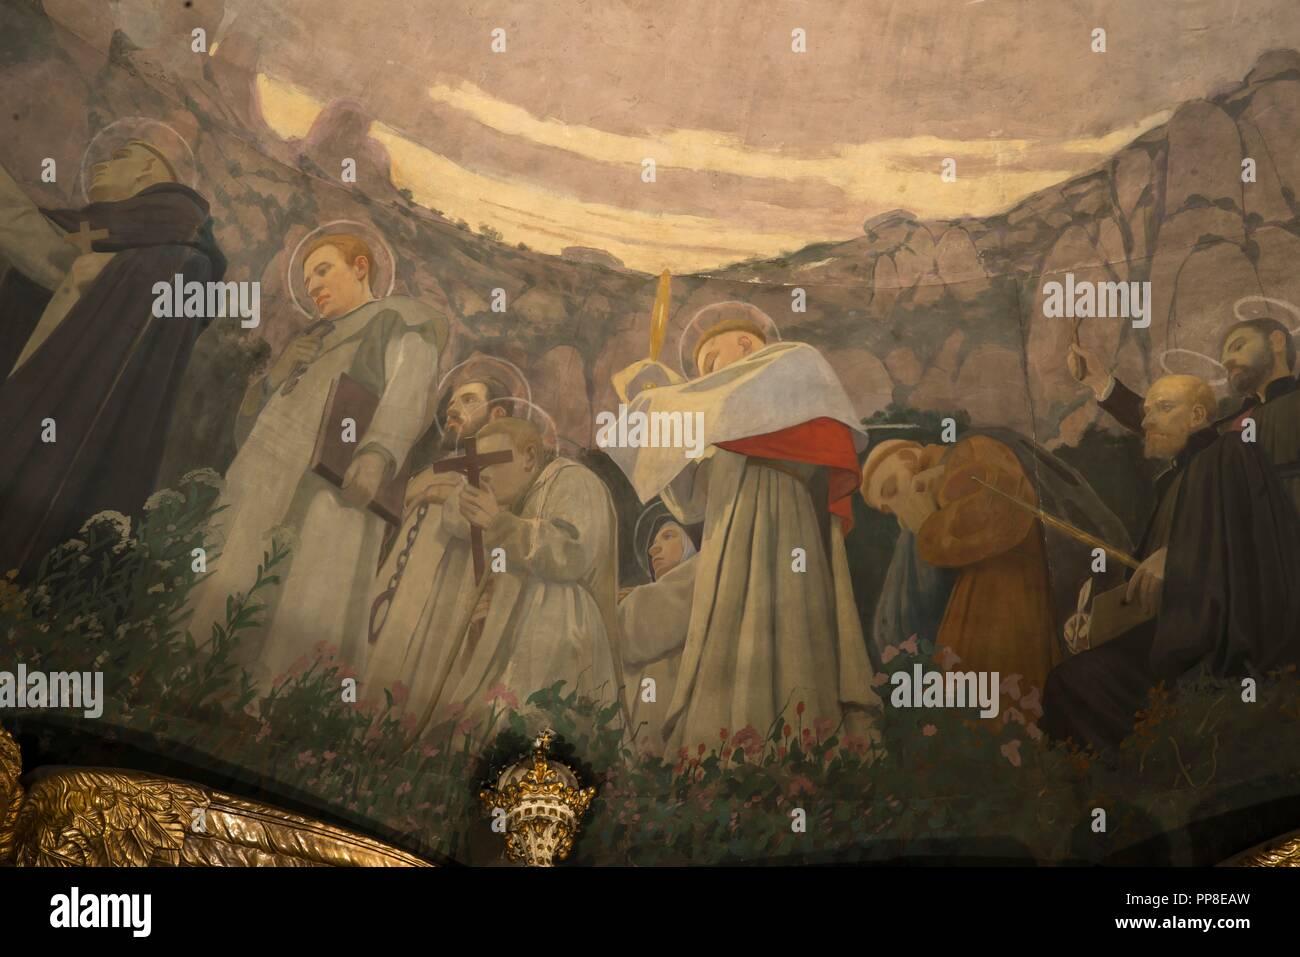 Detalle del Apoteosis de la Virgen, 1896-1898. Pintura mural de la cúpula del cambril de la Virgen. Monasterio de Montserrat. Cataluña. Autor: Llimona, Joan. Foto de stock